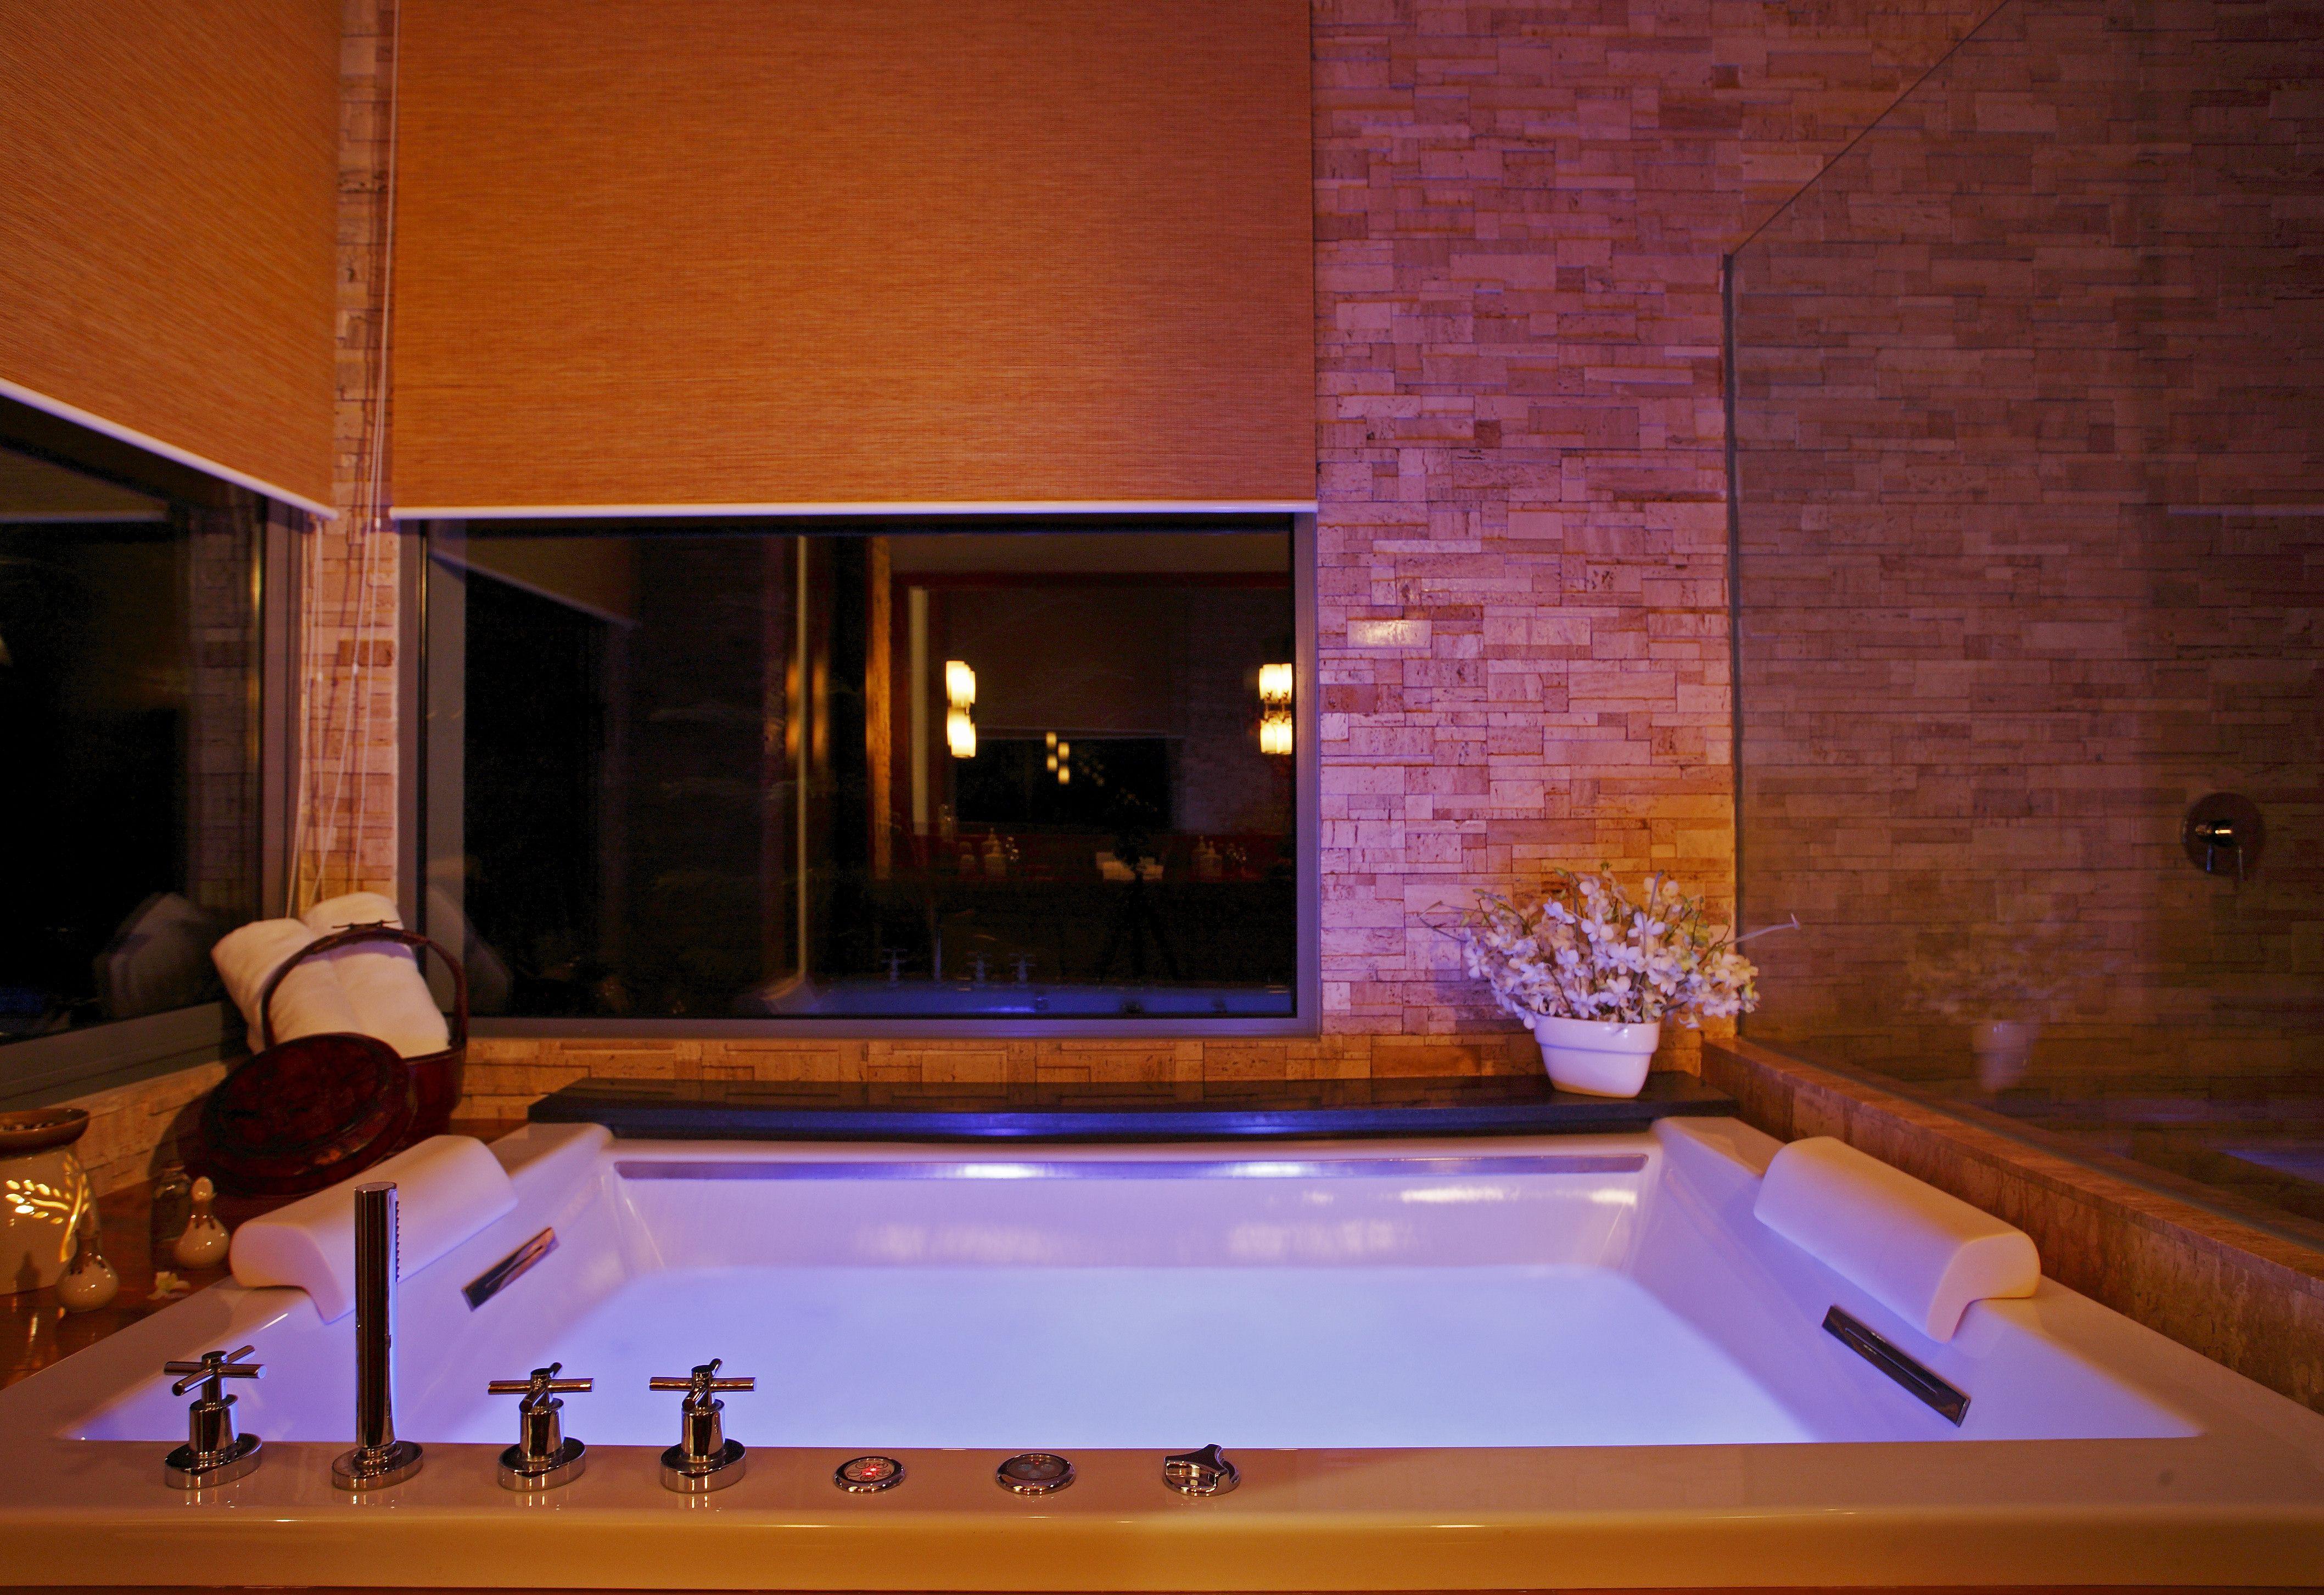 Bathroom Renovation Costs Cost To Redo Bathroom Bathroom Renovation Cost Cost To Redo Bathroom Clear Glass Shower Door